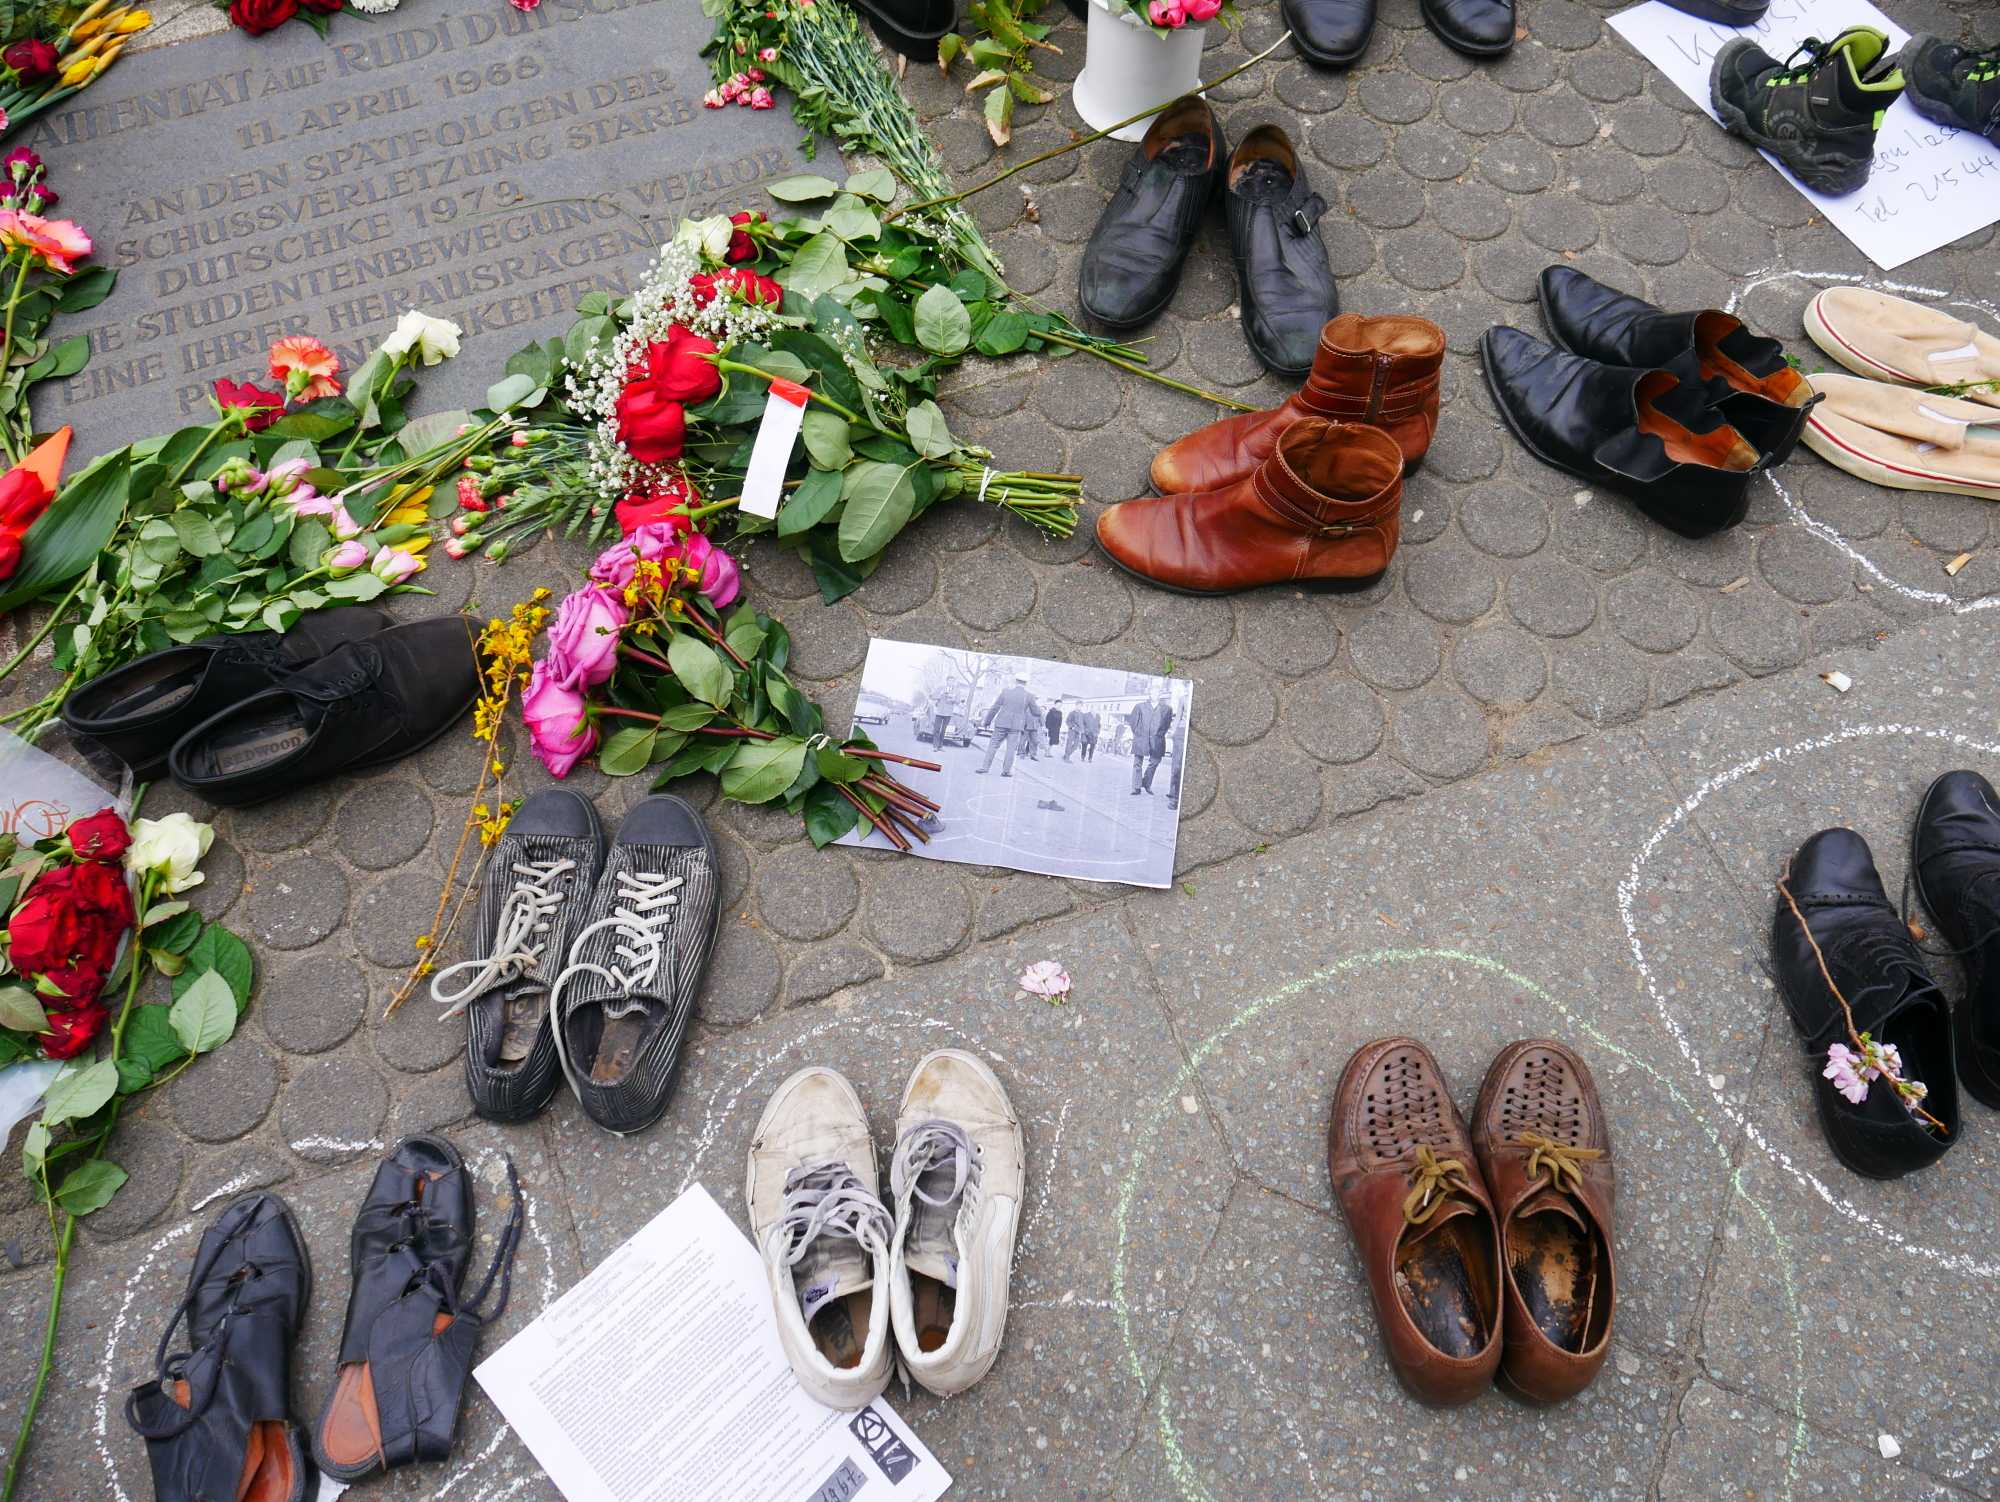 Missing Link: Schuhe auf dem Kurfürstendamm - von gescheiterten Revolutionen, erfolgreichen Revolten und technisch machbaren Utopien